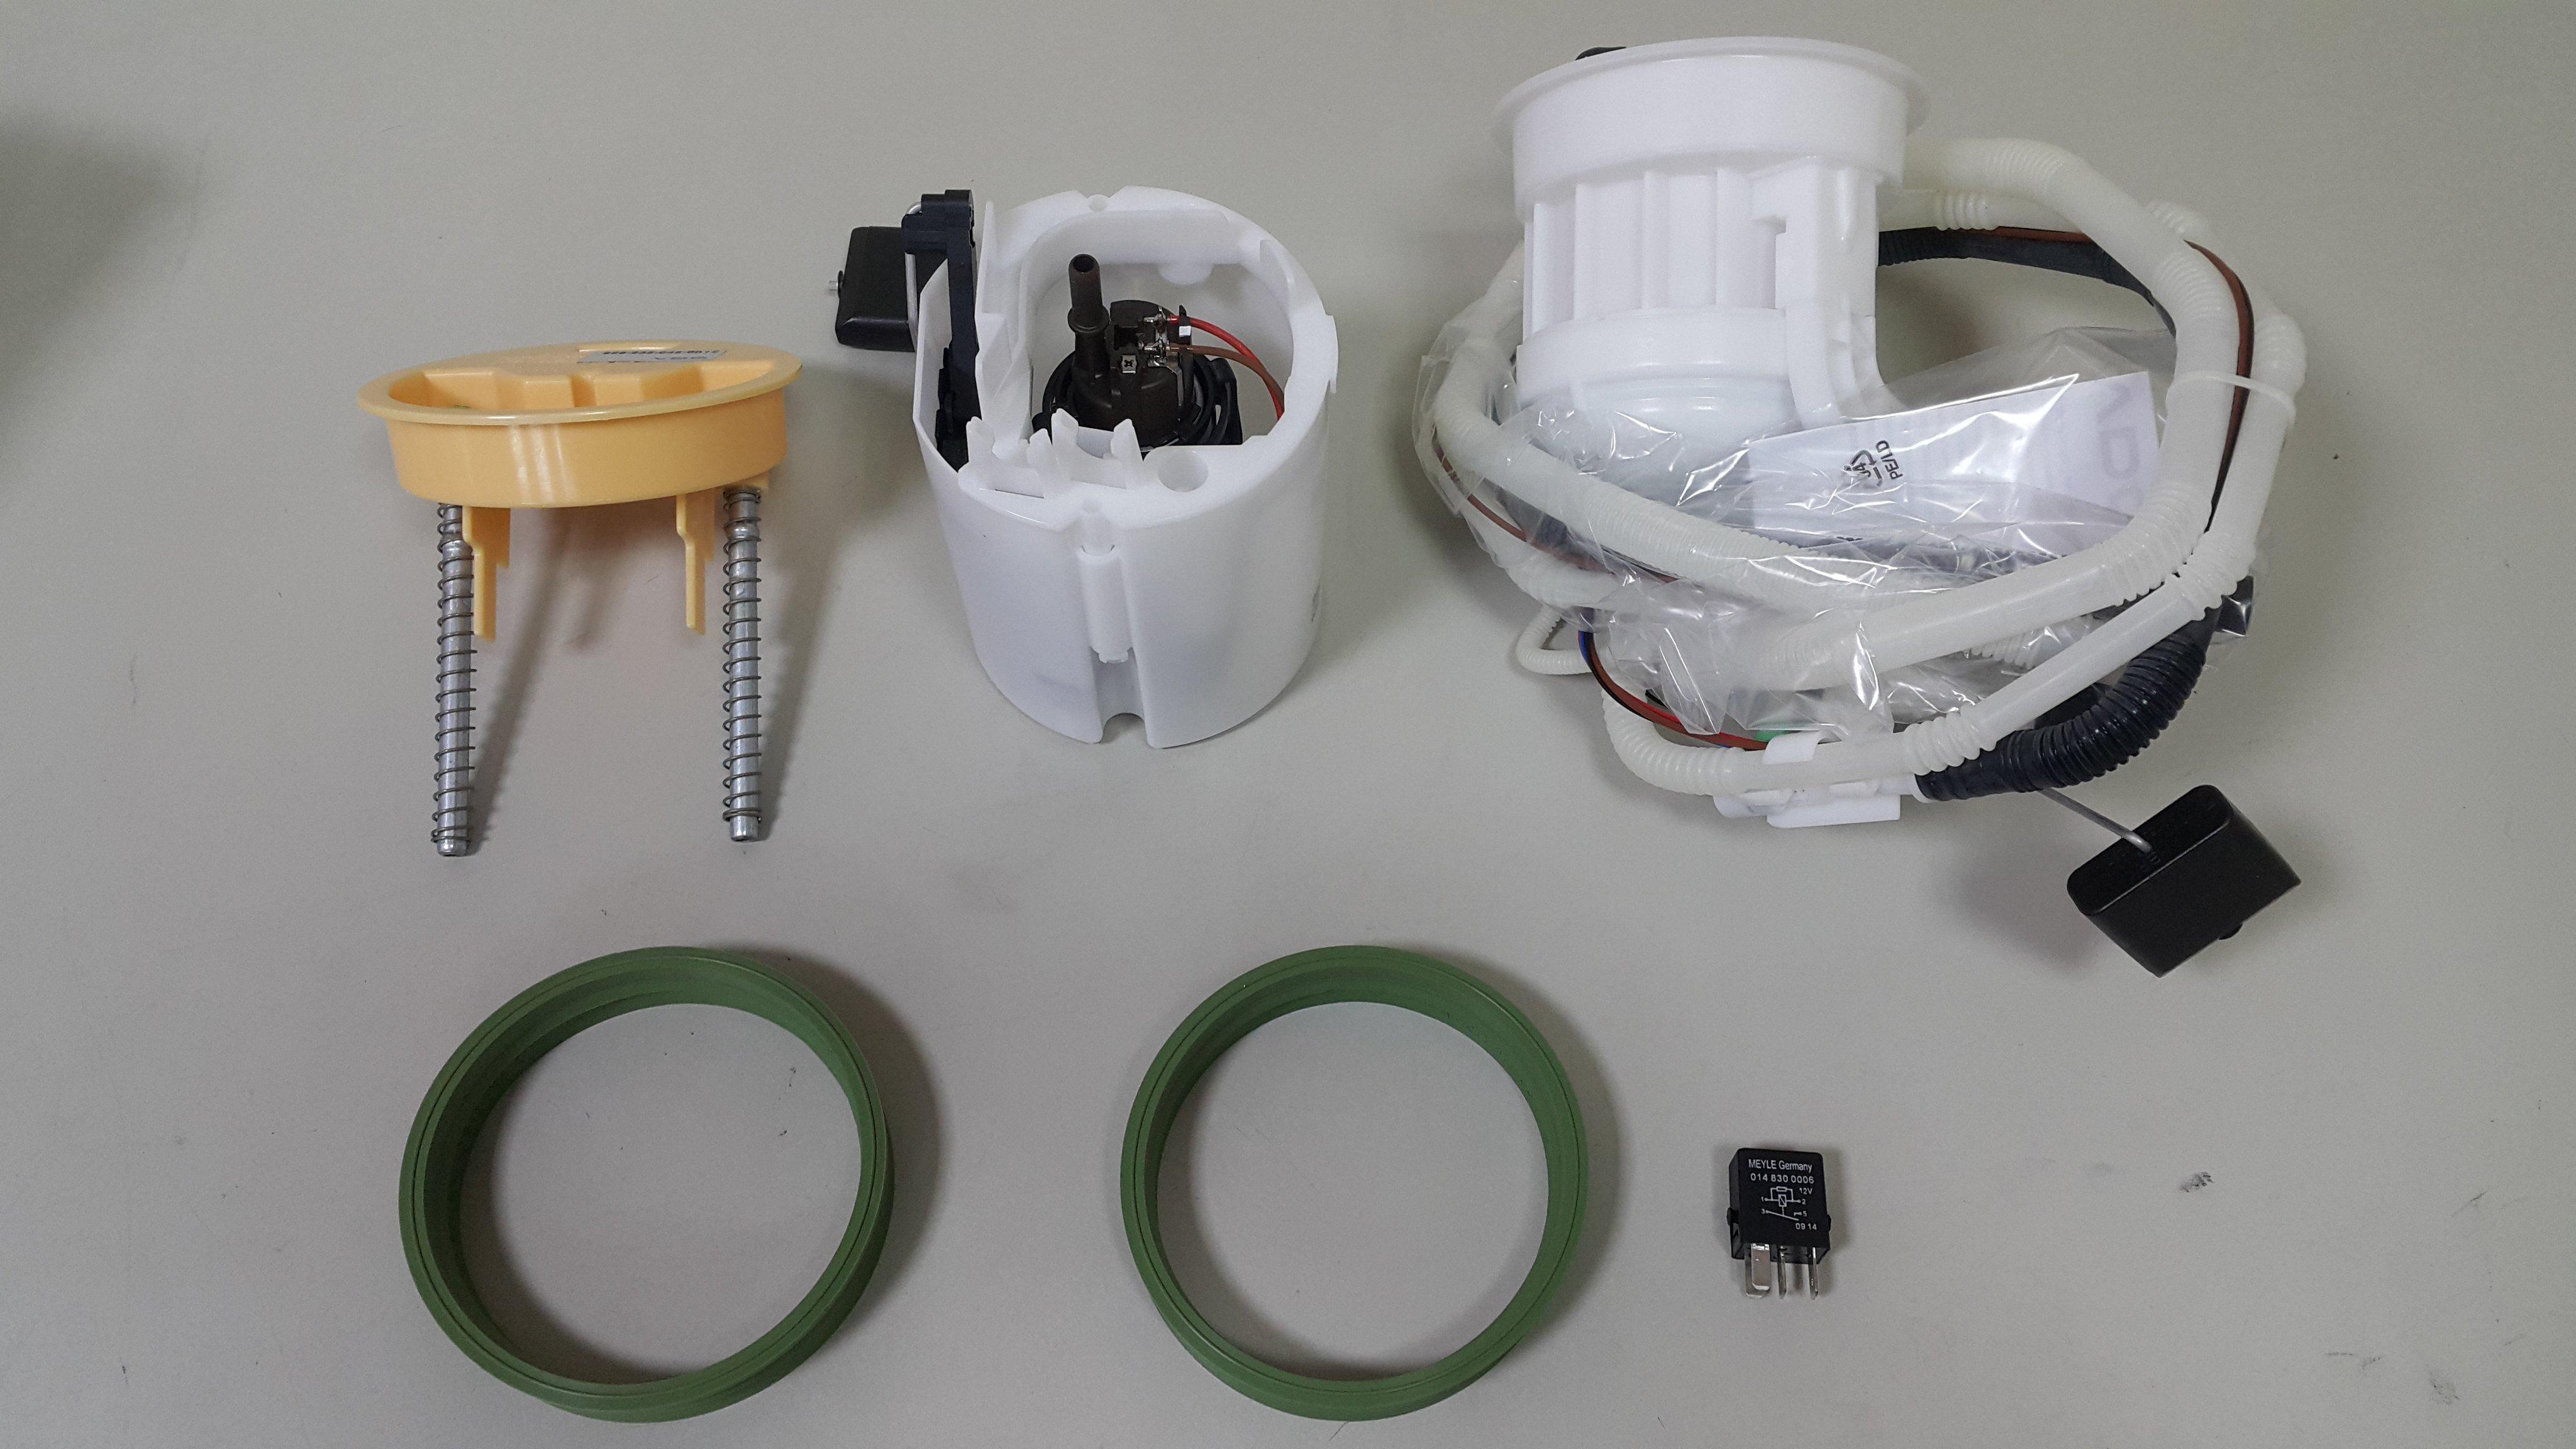 BENZ W211 汽油幫浦 汽油泵浦+濾清器+墊片+繼電器 油箱浮筒 油表 油錶 VDO製 2114704194